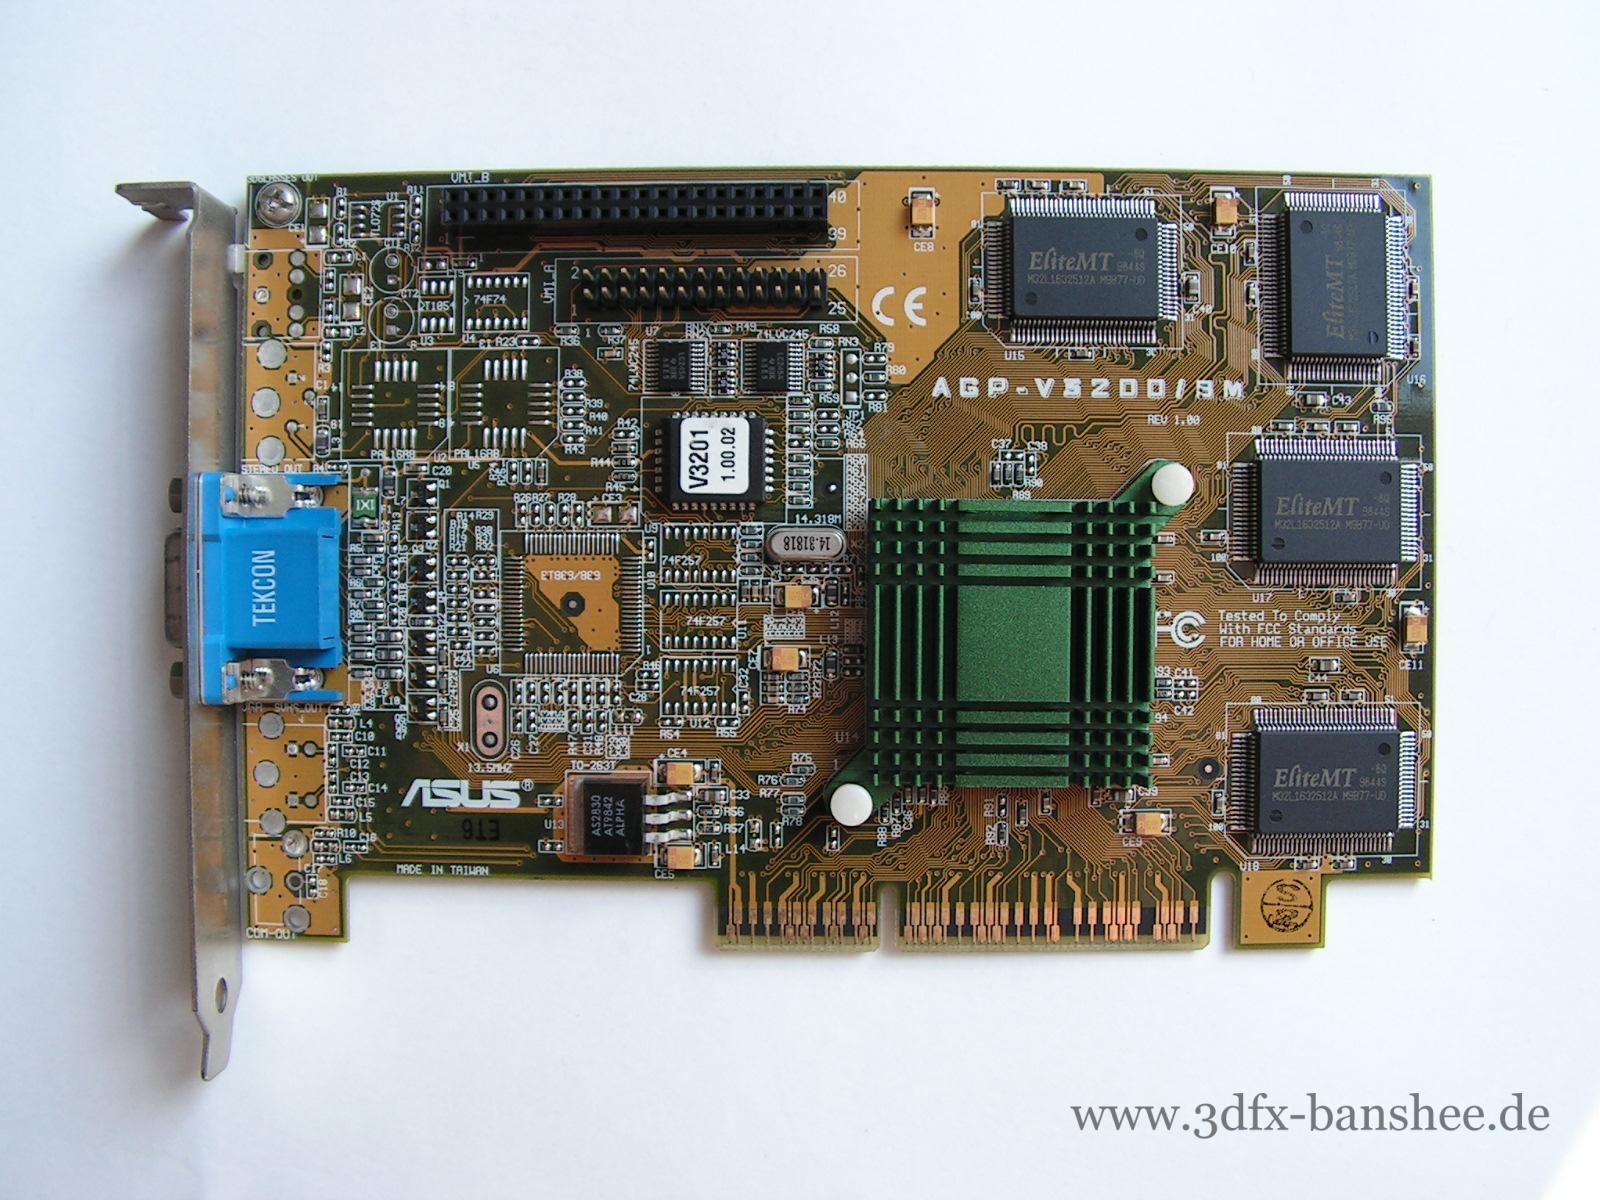 Asus V3200 8M - Front